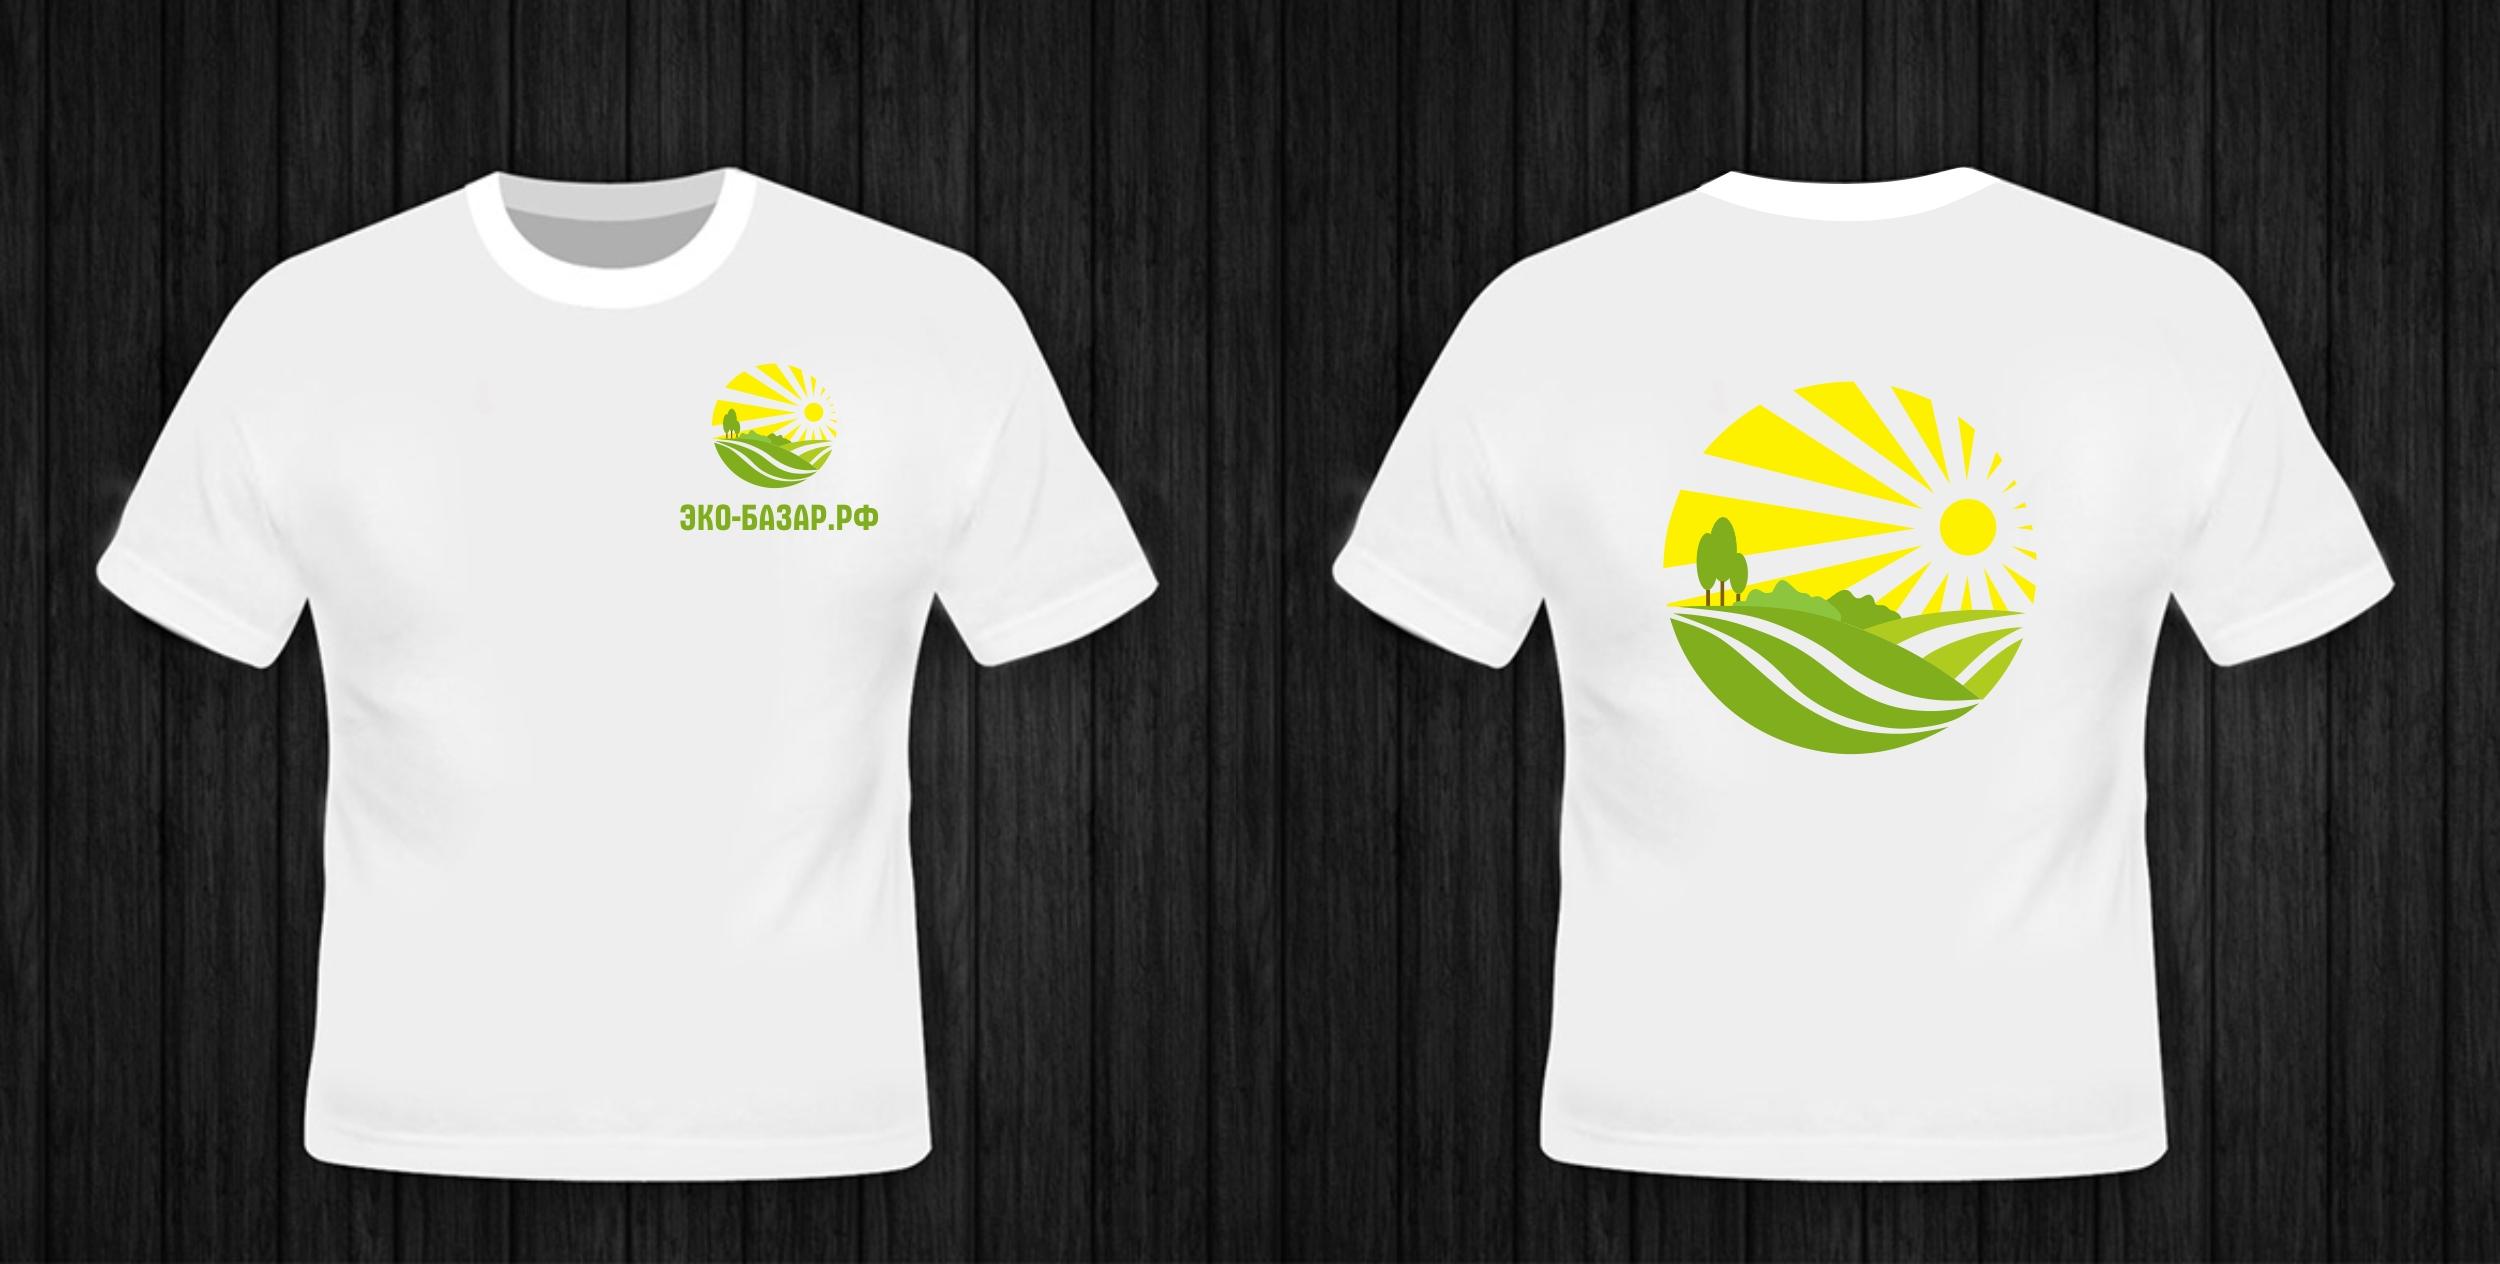 Логотип компании натуральных (фермерских) продуктов фото f_9875940eada11275.jpg